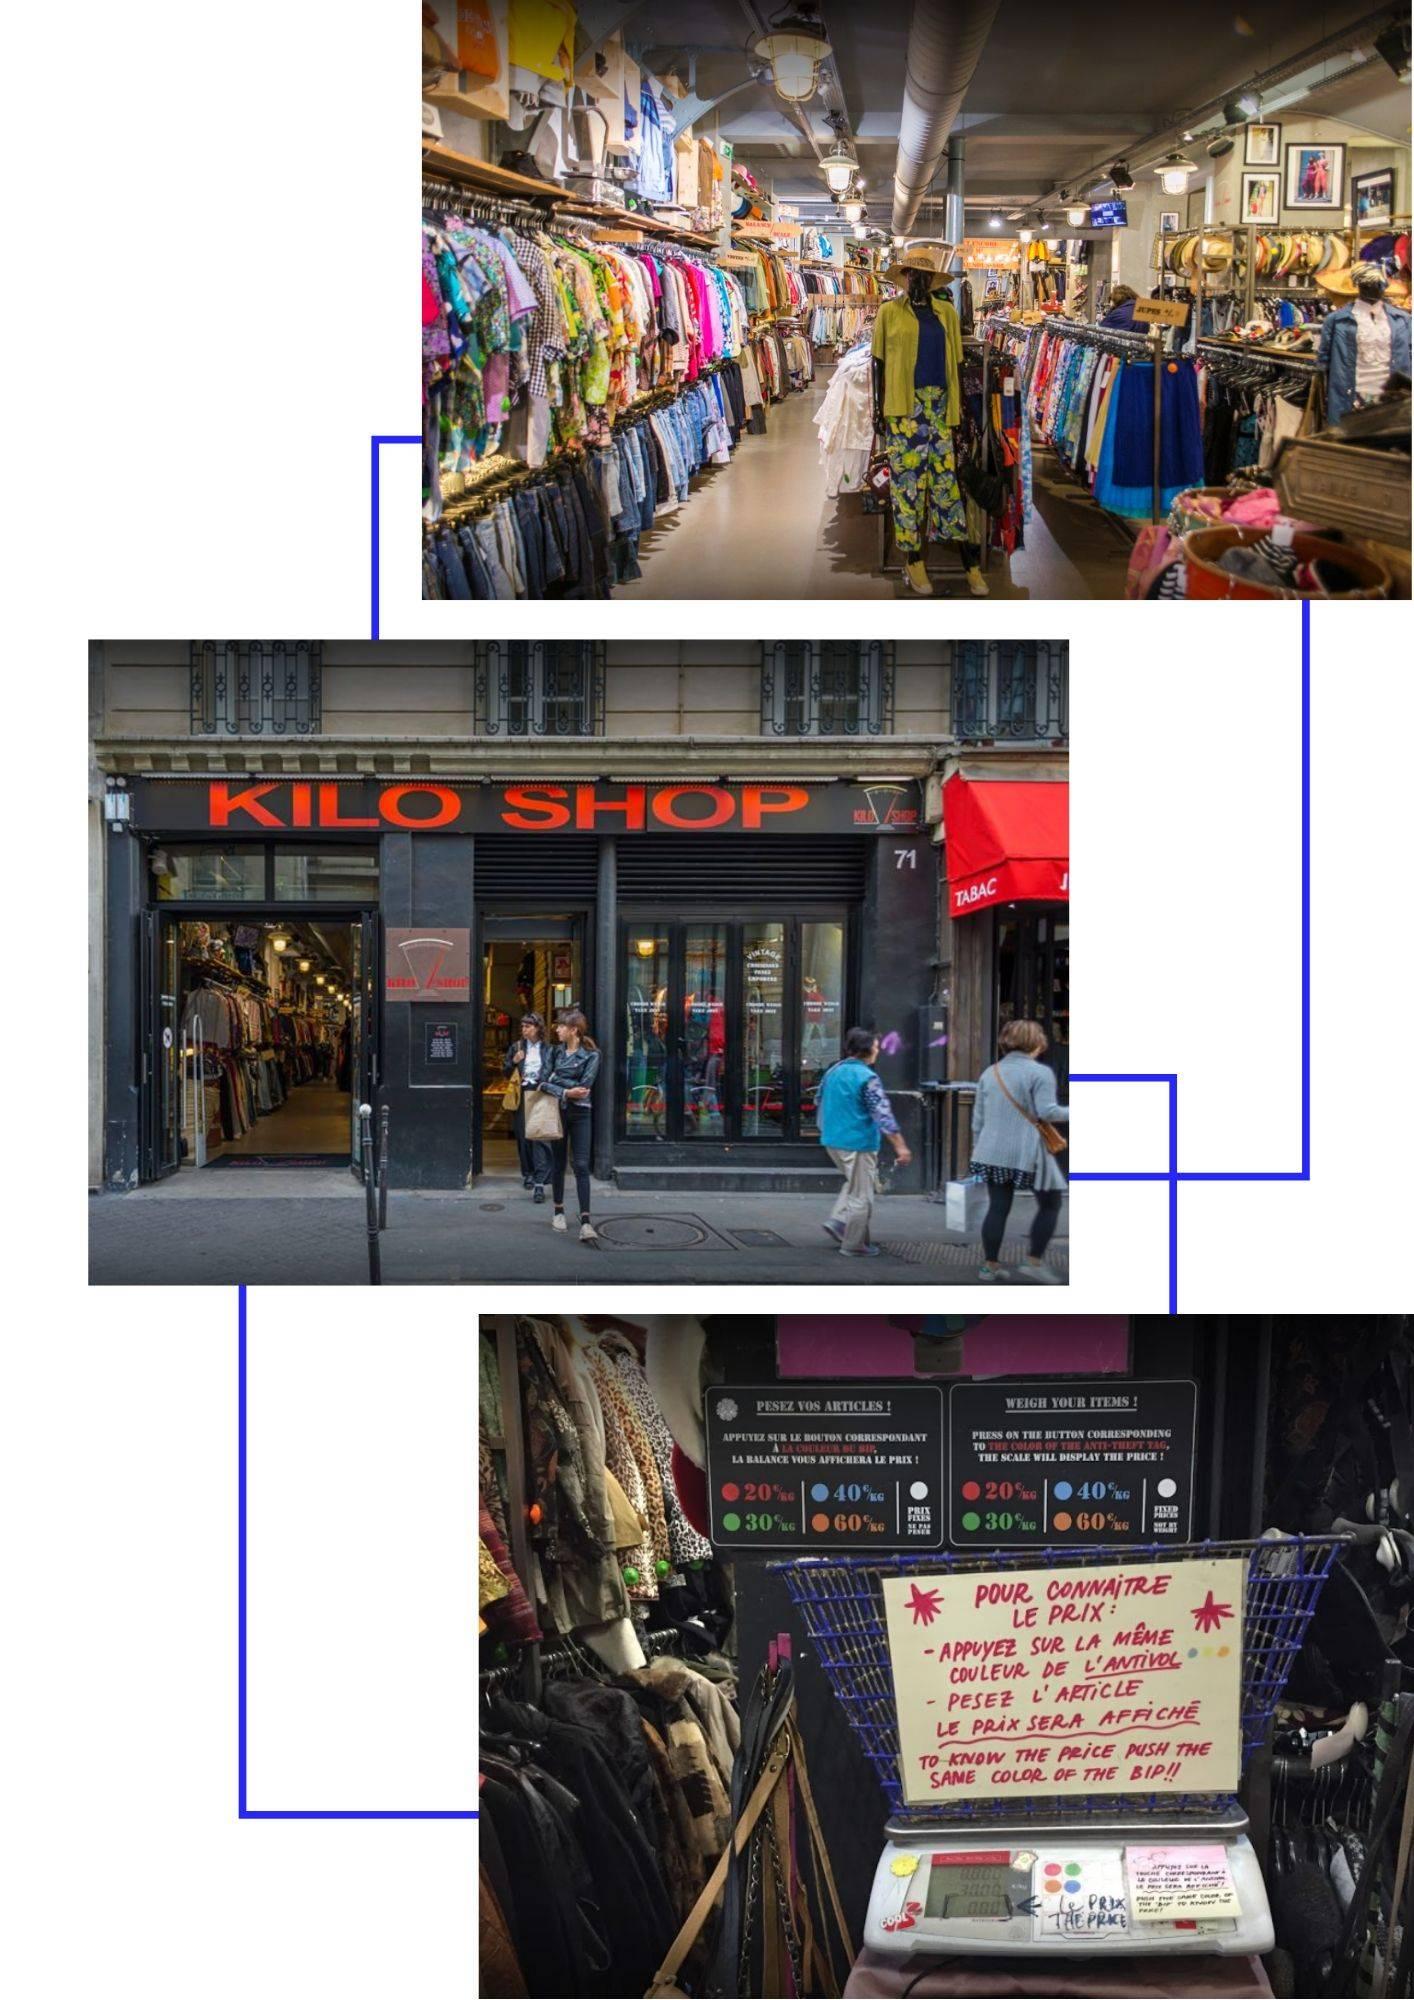 friperie kilo shop paris